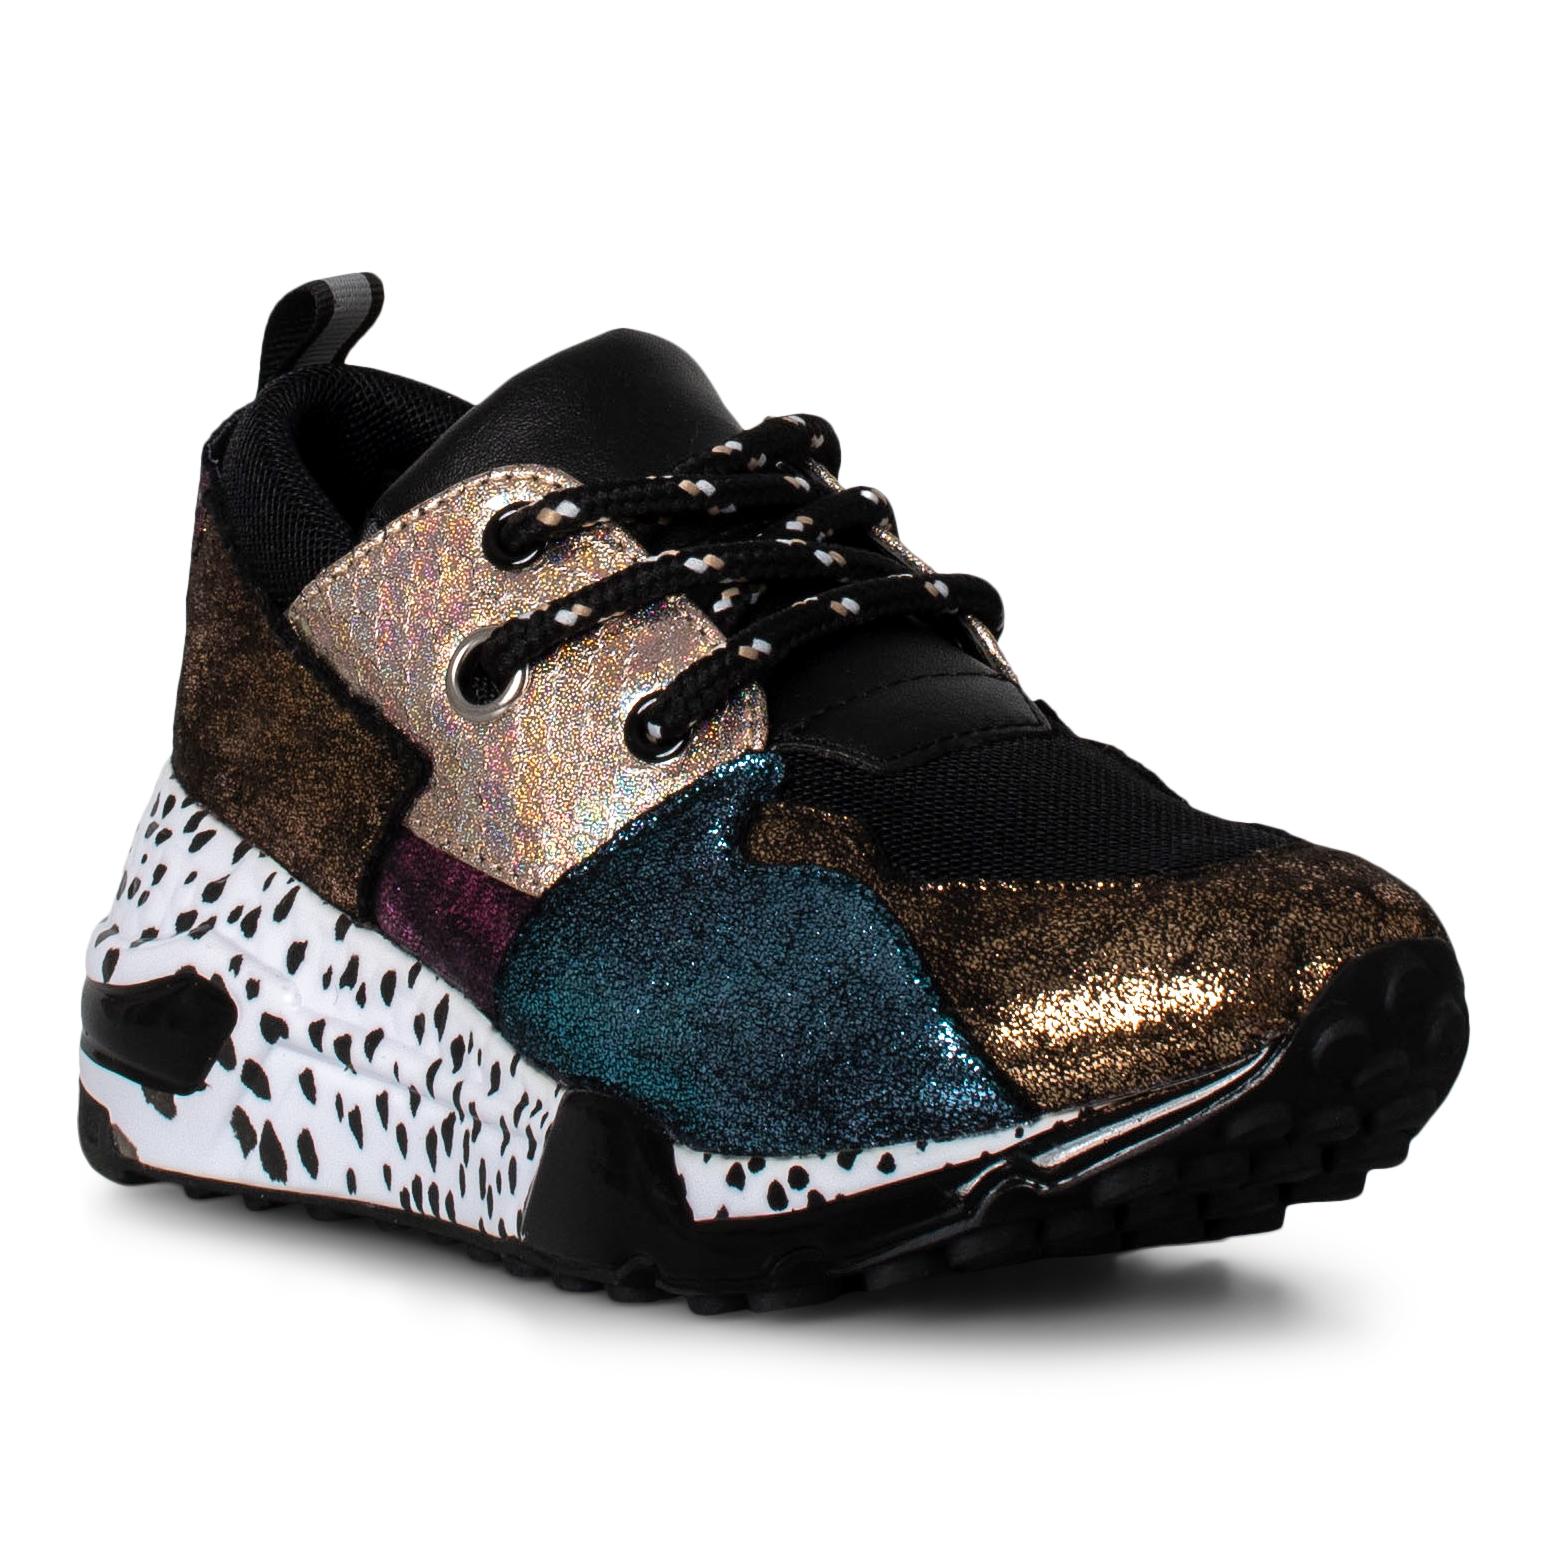 Steve Madden, JCliff sneakers